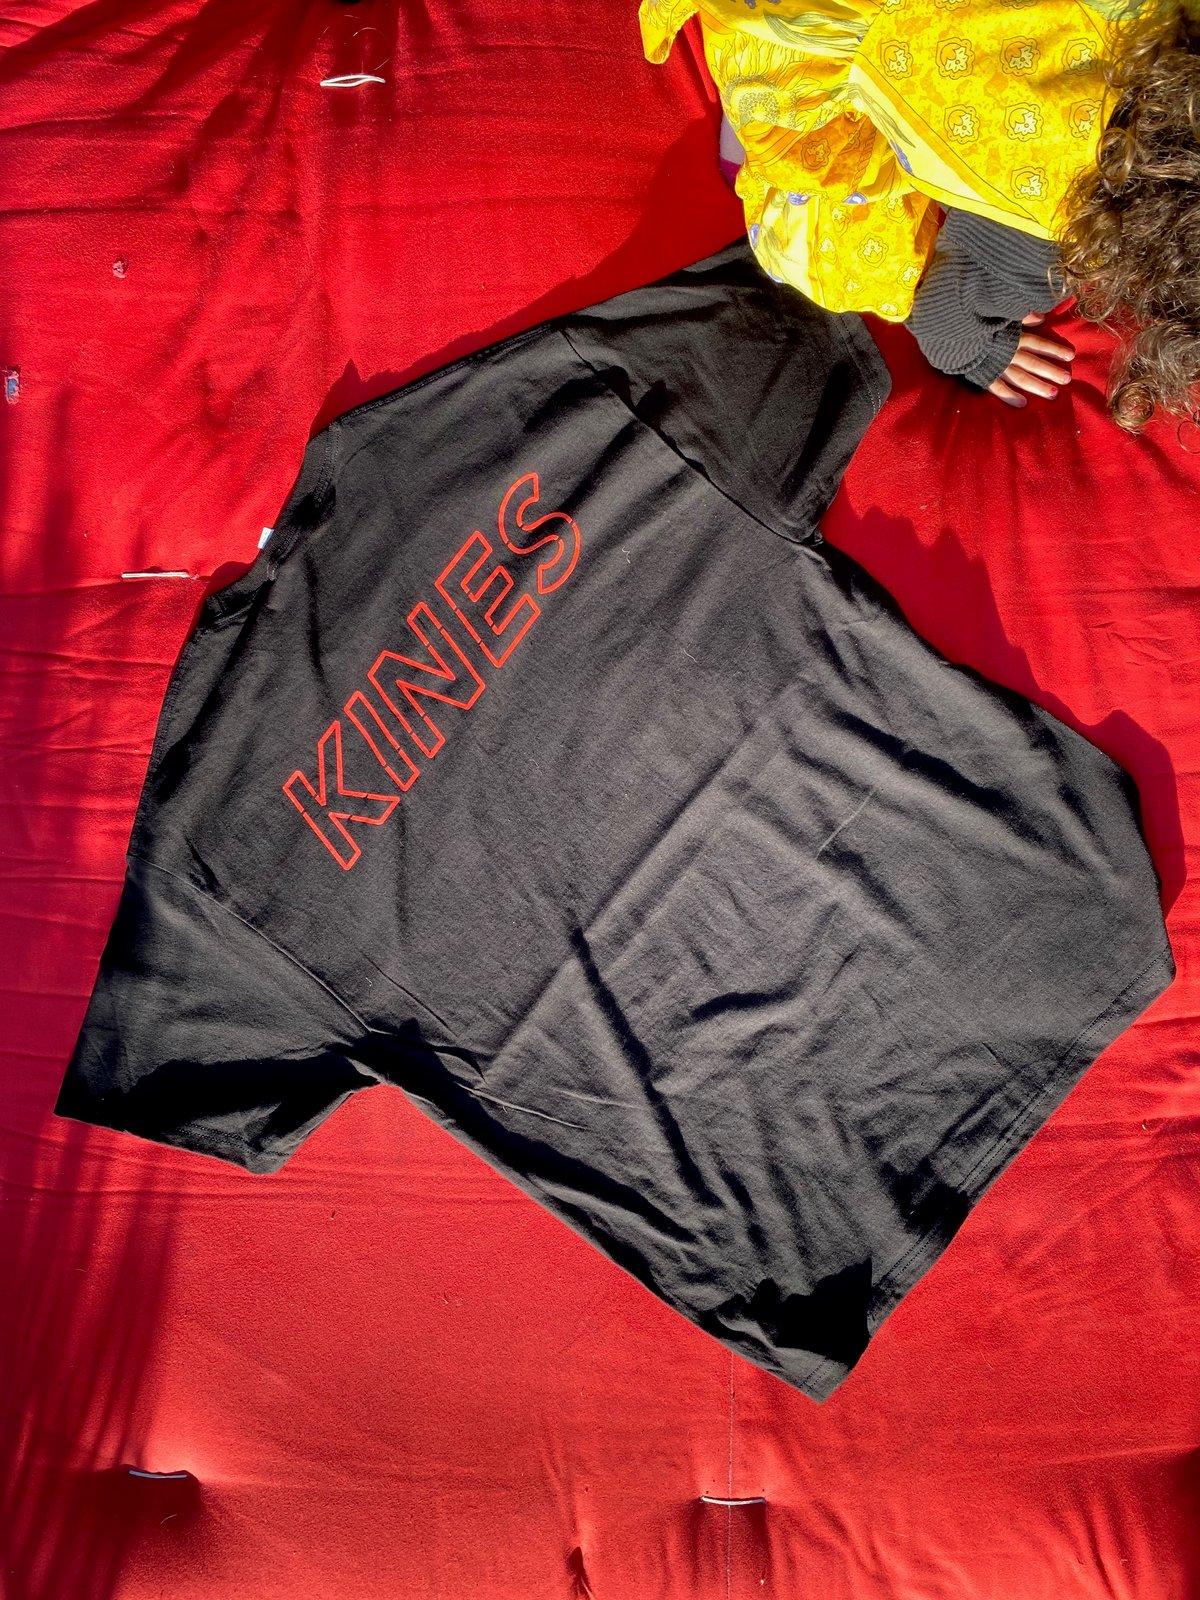 Kines shirt